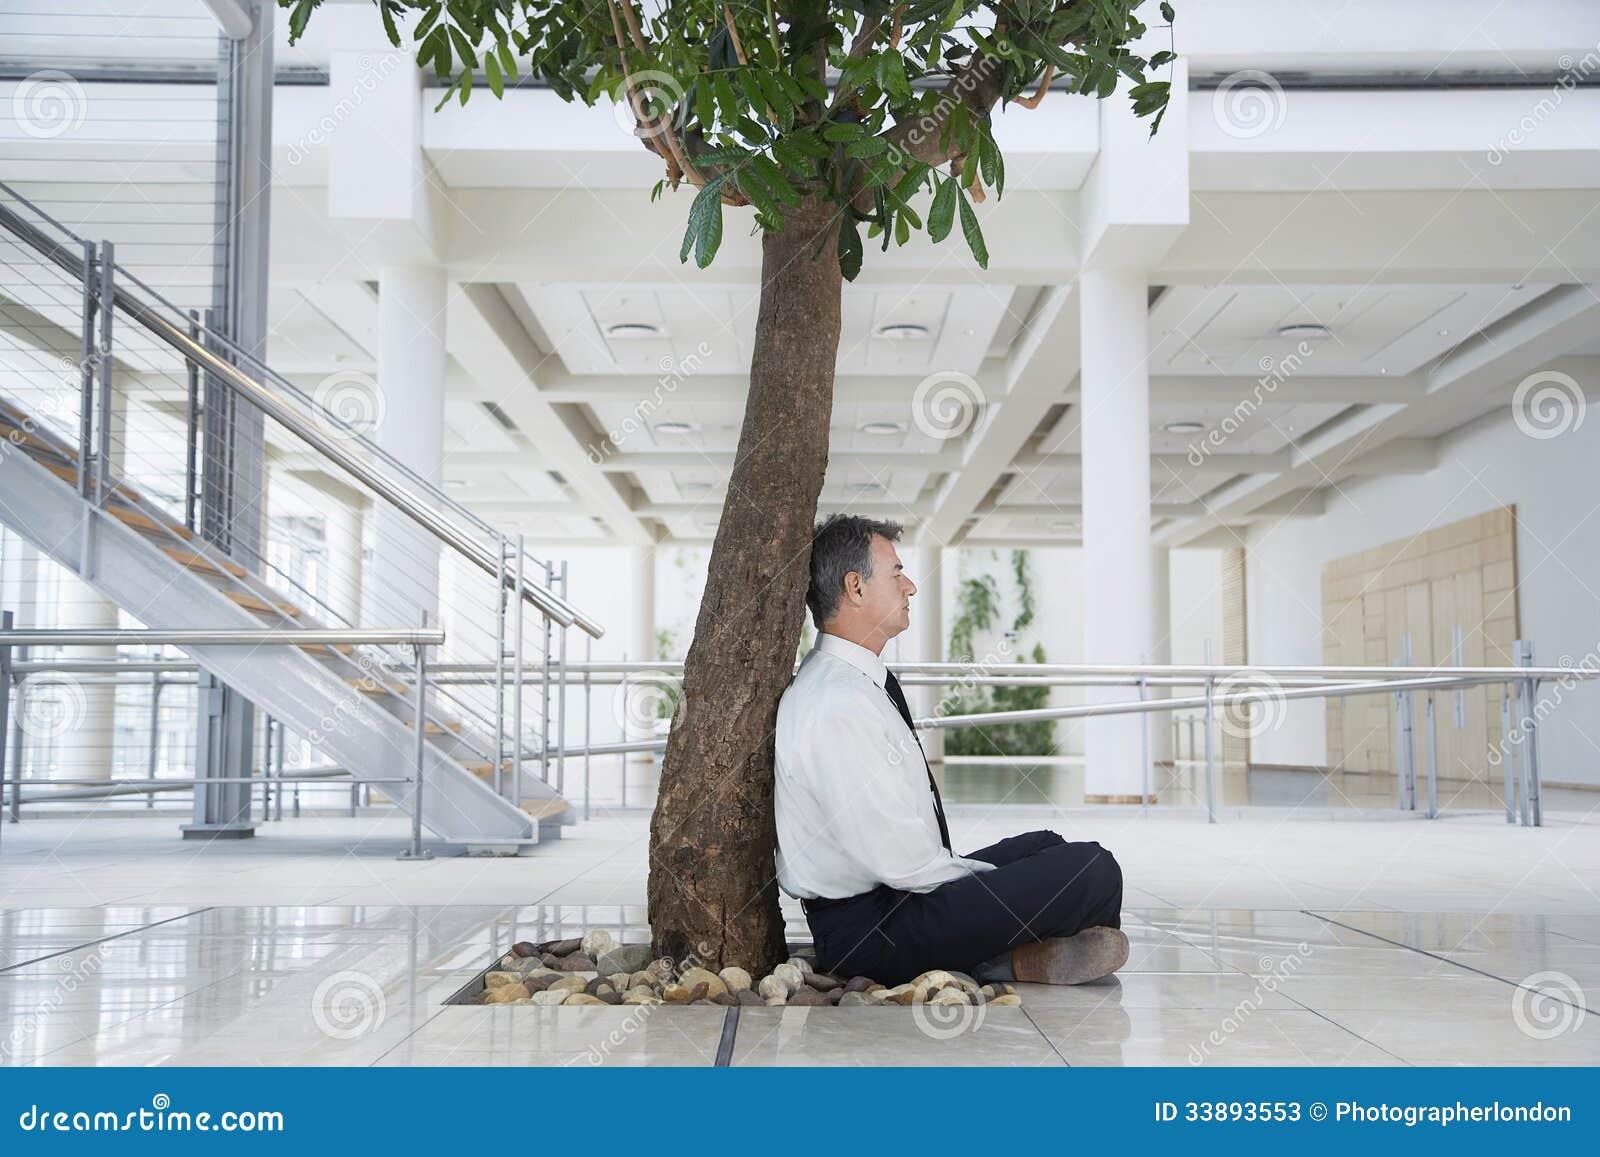 meditation businessman office. Businessman Meditating Under Tree In Office Meditation I